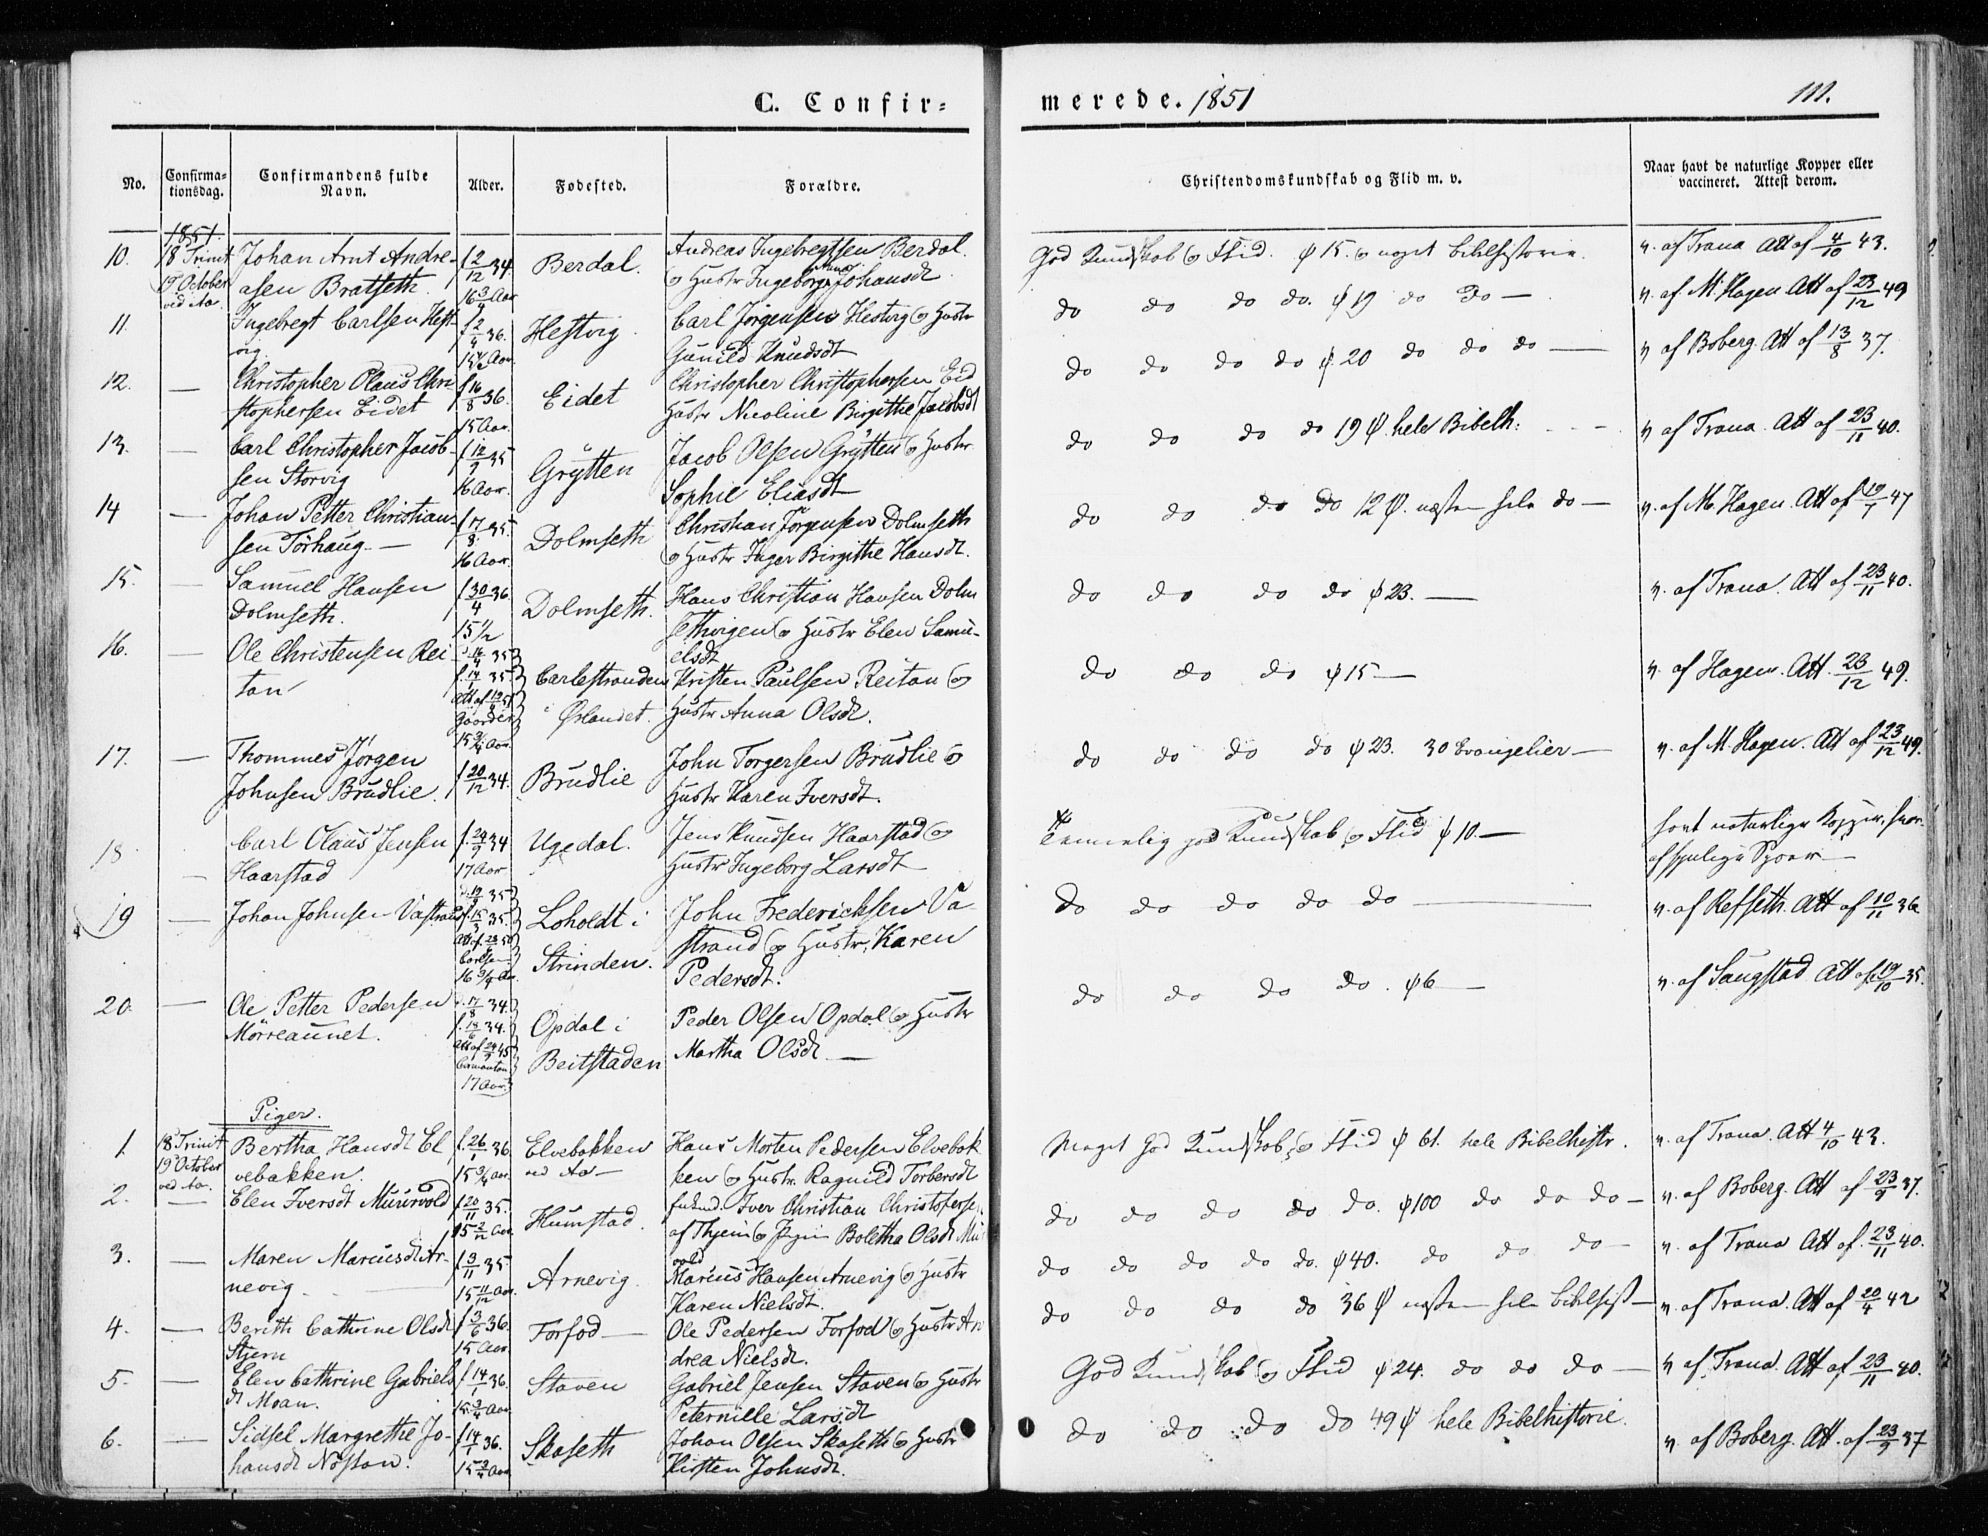 SAT, Ministerialprotokoller, klokkerbøker og fødselsregistre - Sør-Trøndelag, 655/L0677: Ministerialbok nr. 655A06, 1847-1860, s. 111